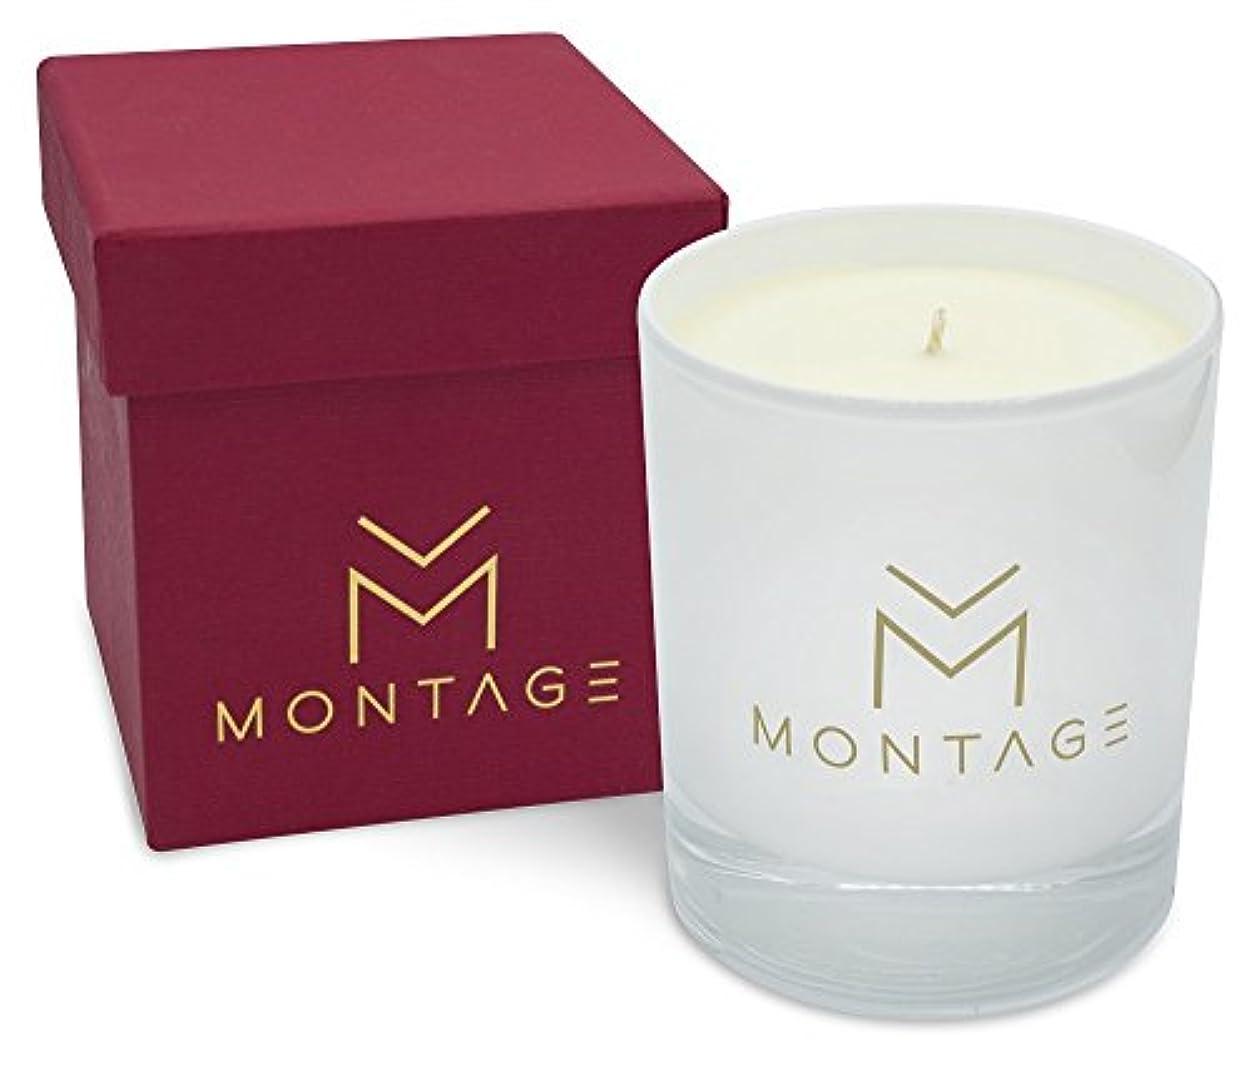 クリップ蝶植物の構築するパチュリ、Ylang Ylang &ラベンダーSoy Wax Candle inギフトbox- Love affair- Aromatherapy Candle for aphrodisiac with 100 % Pure...